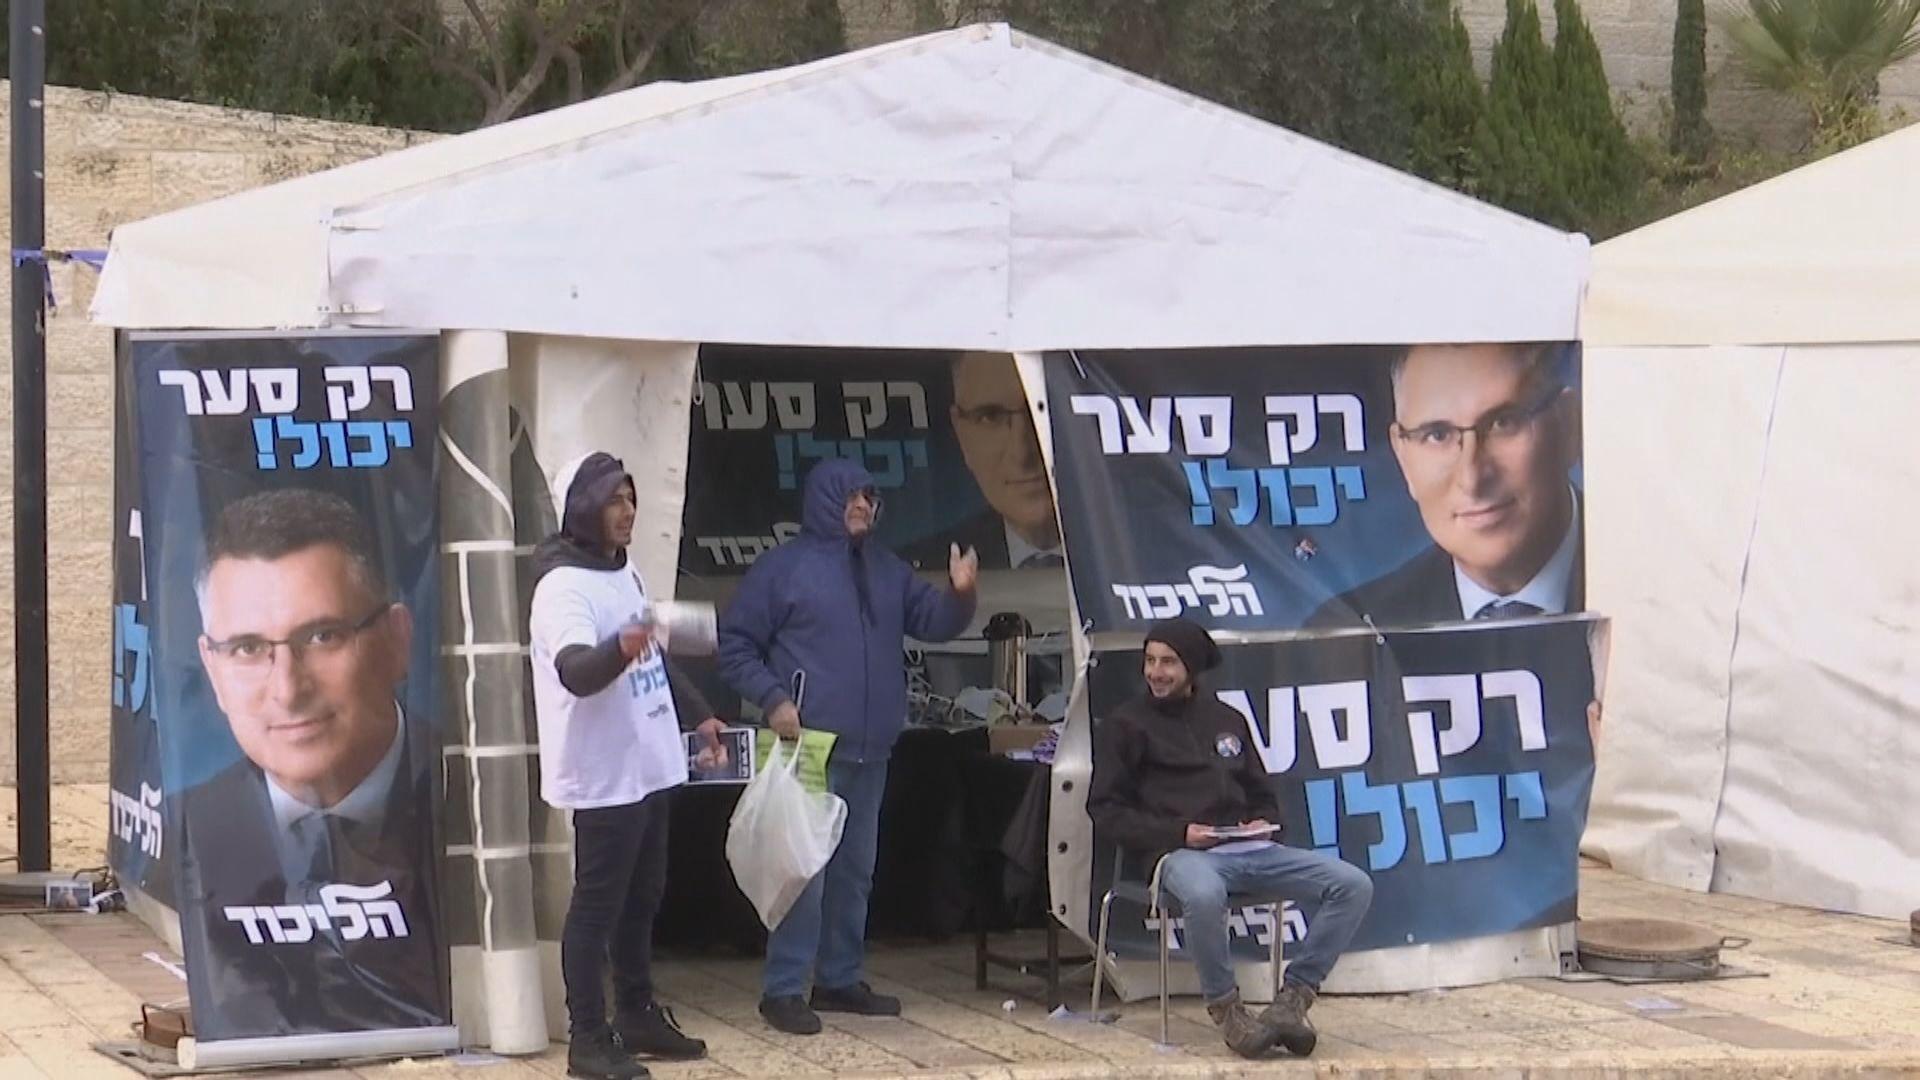 以色列利庫德集團初選 內塔尼亞胡宣布勝出